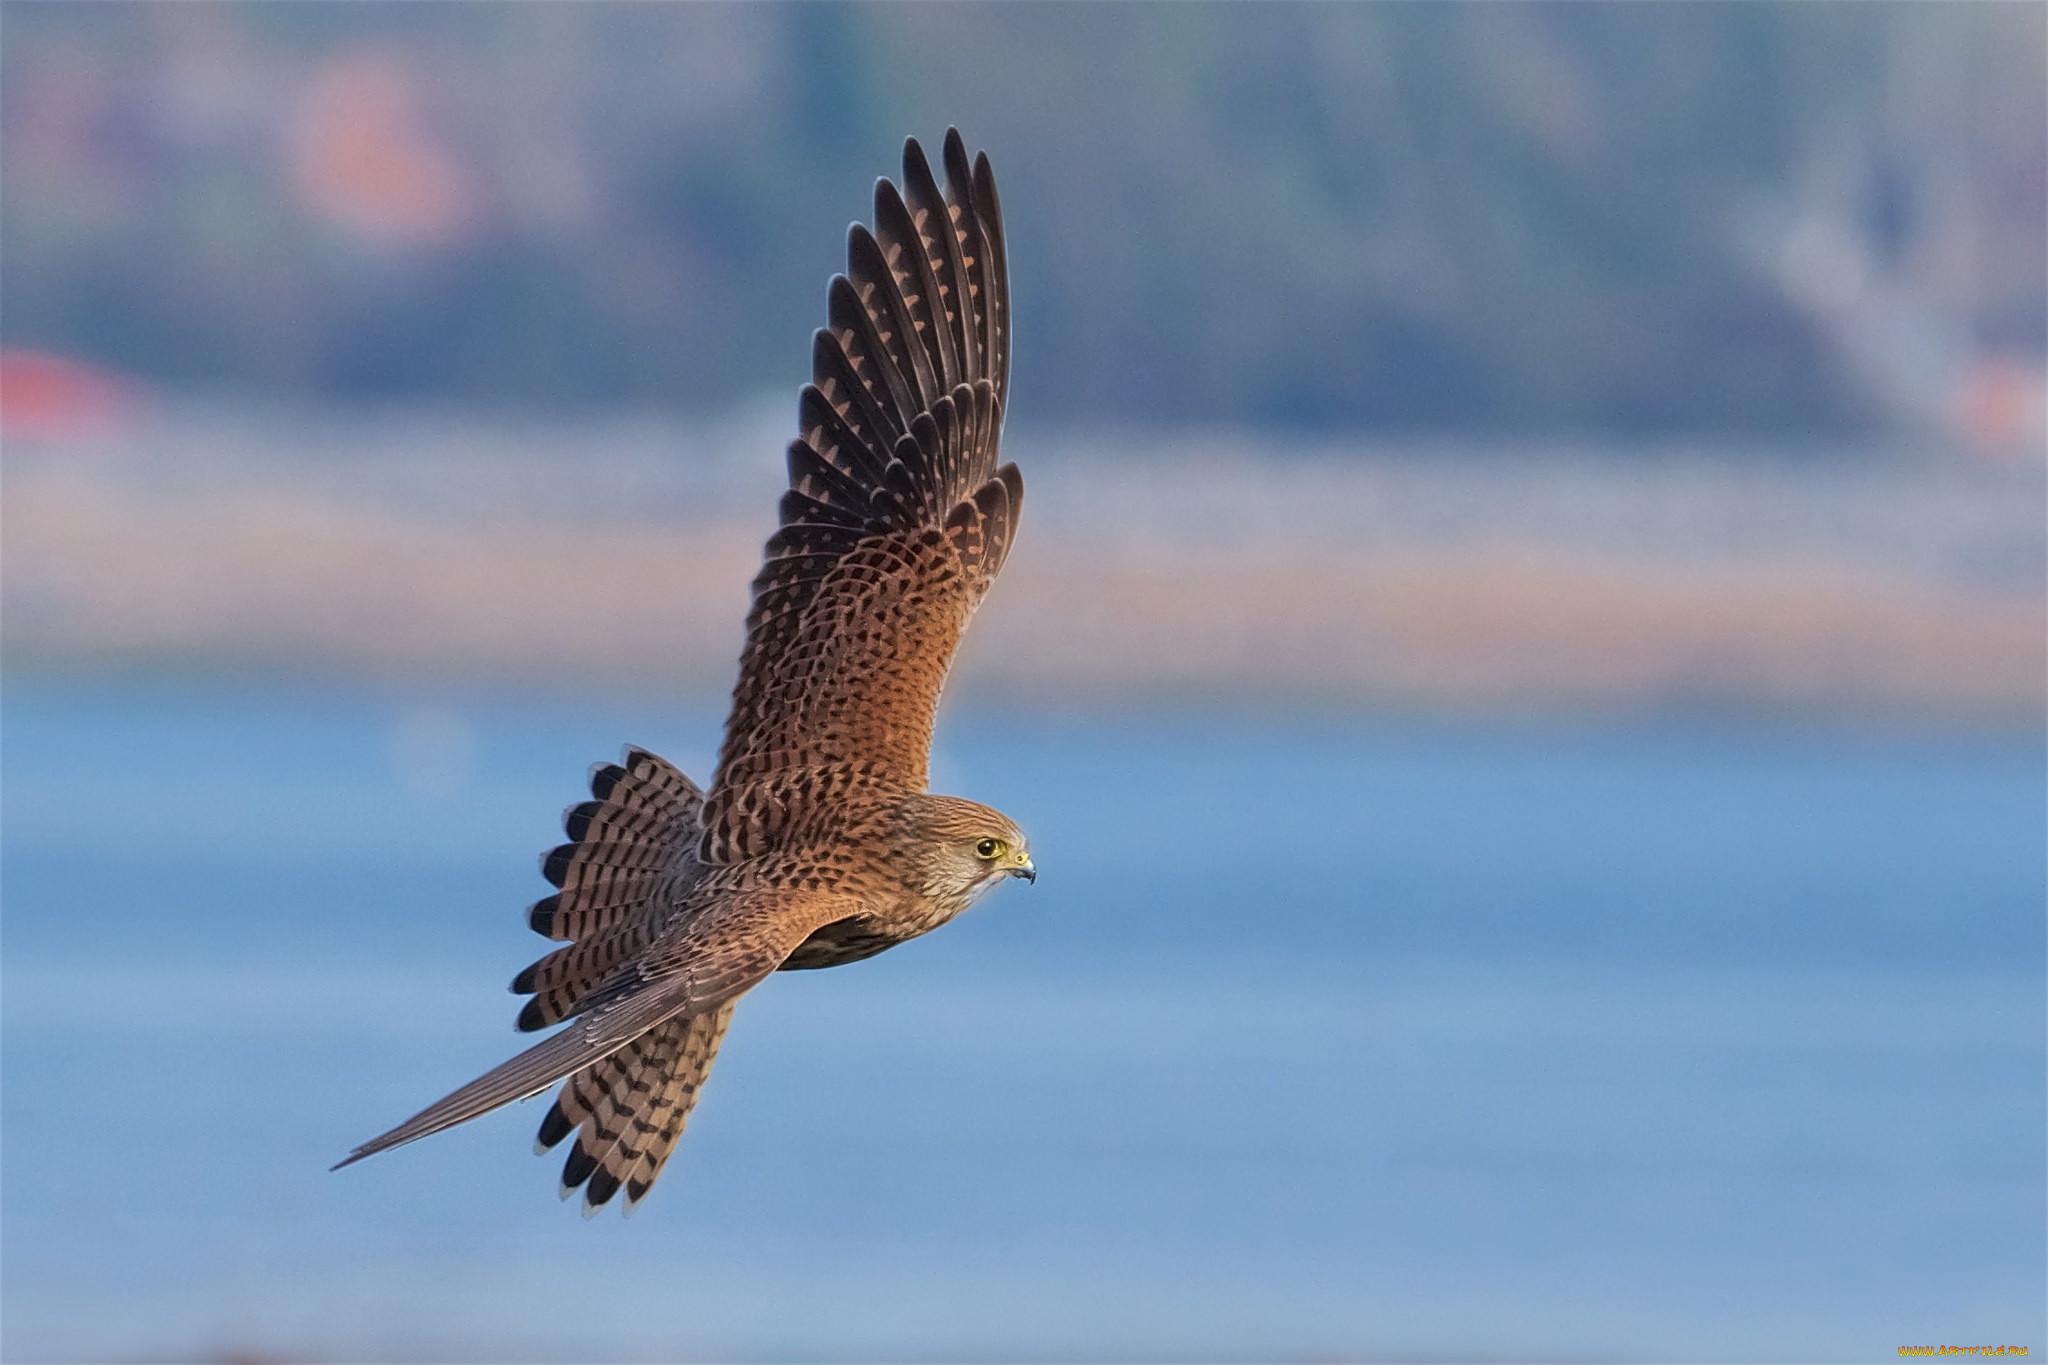 заставки каталог фотографии хищных птиц с названиями этом